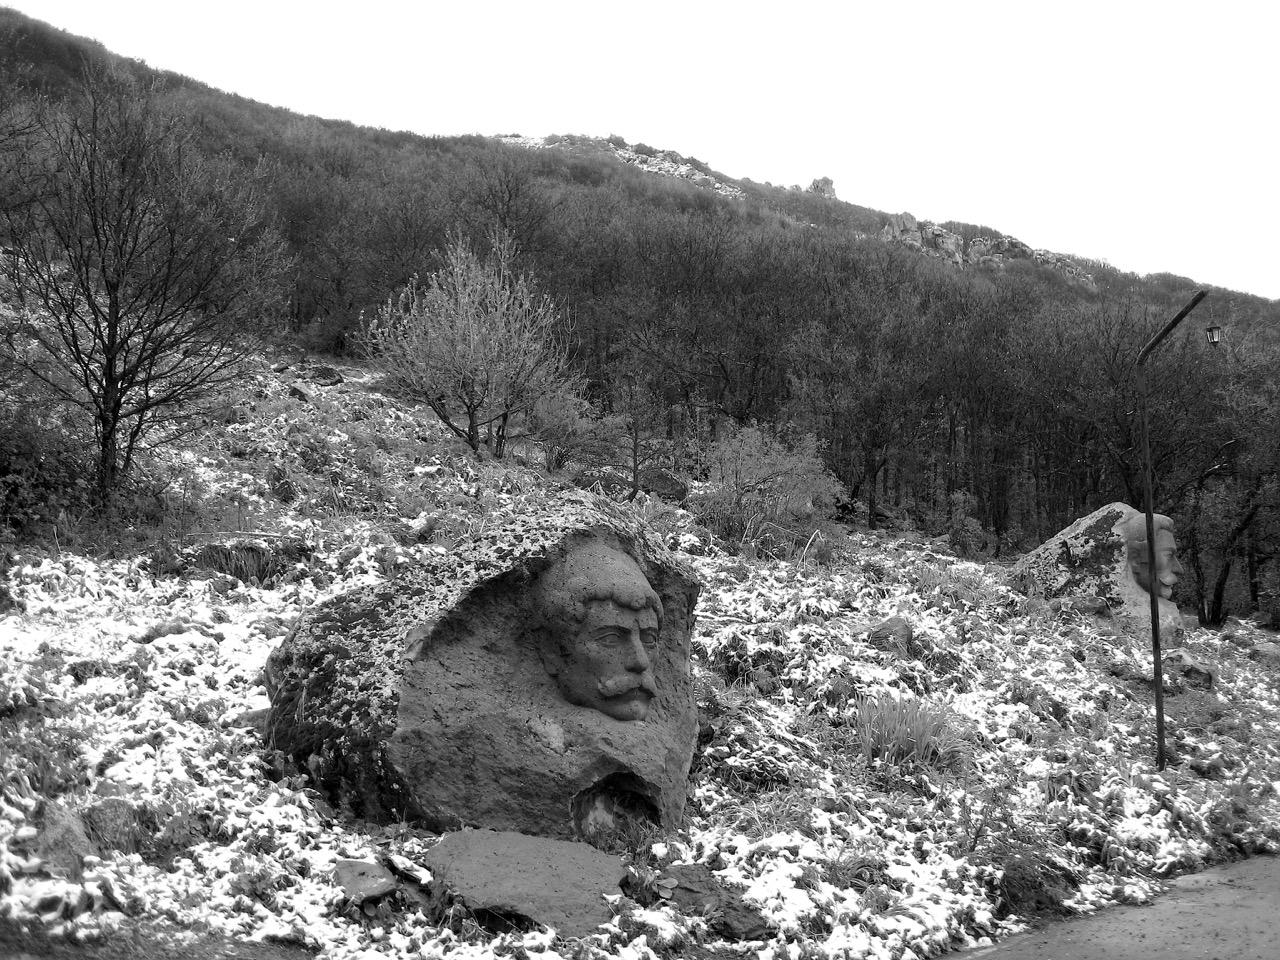 Foto: Spaziergang in Dschermuk. Aus: Eriwan. Kapitel 4. Aufzeichnungen aus Armenien von Marc Degens.